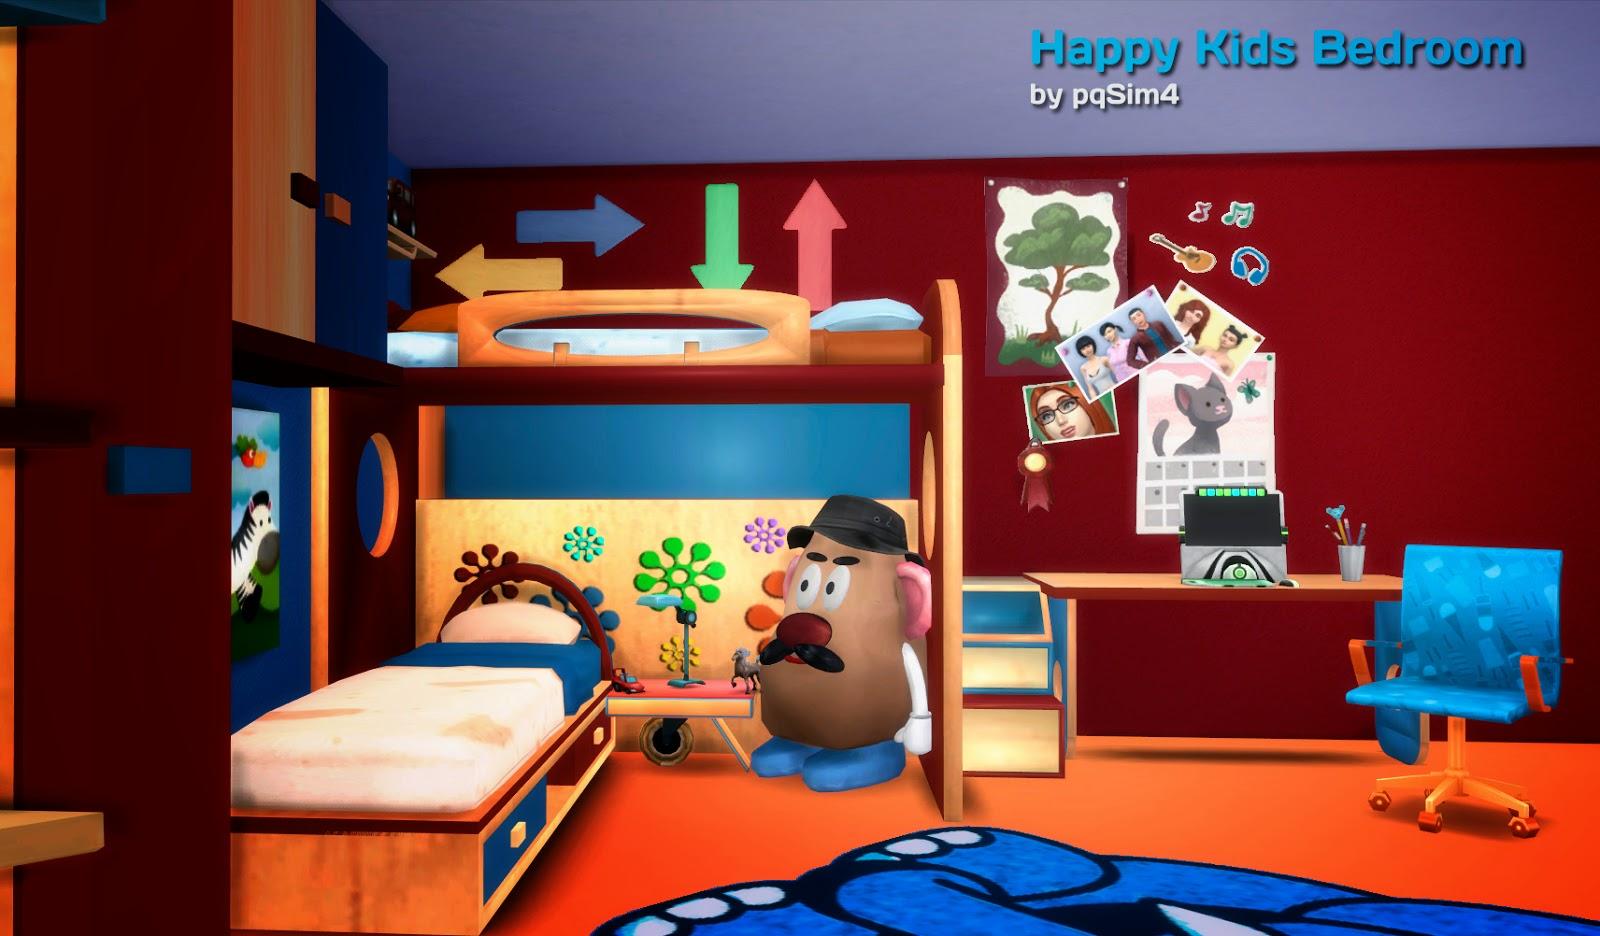 Sims 4 dormitorio happy kids for Juego de dormitorio para ninos